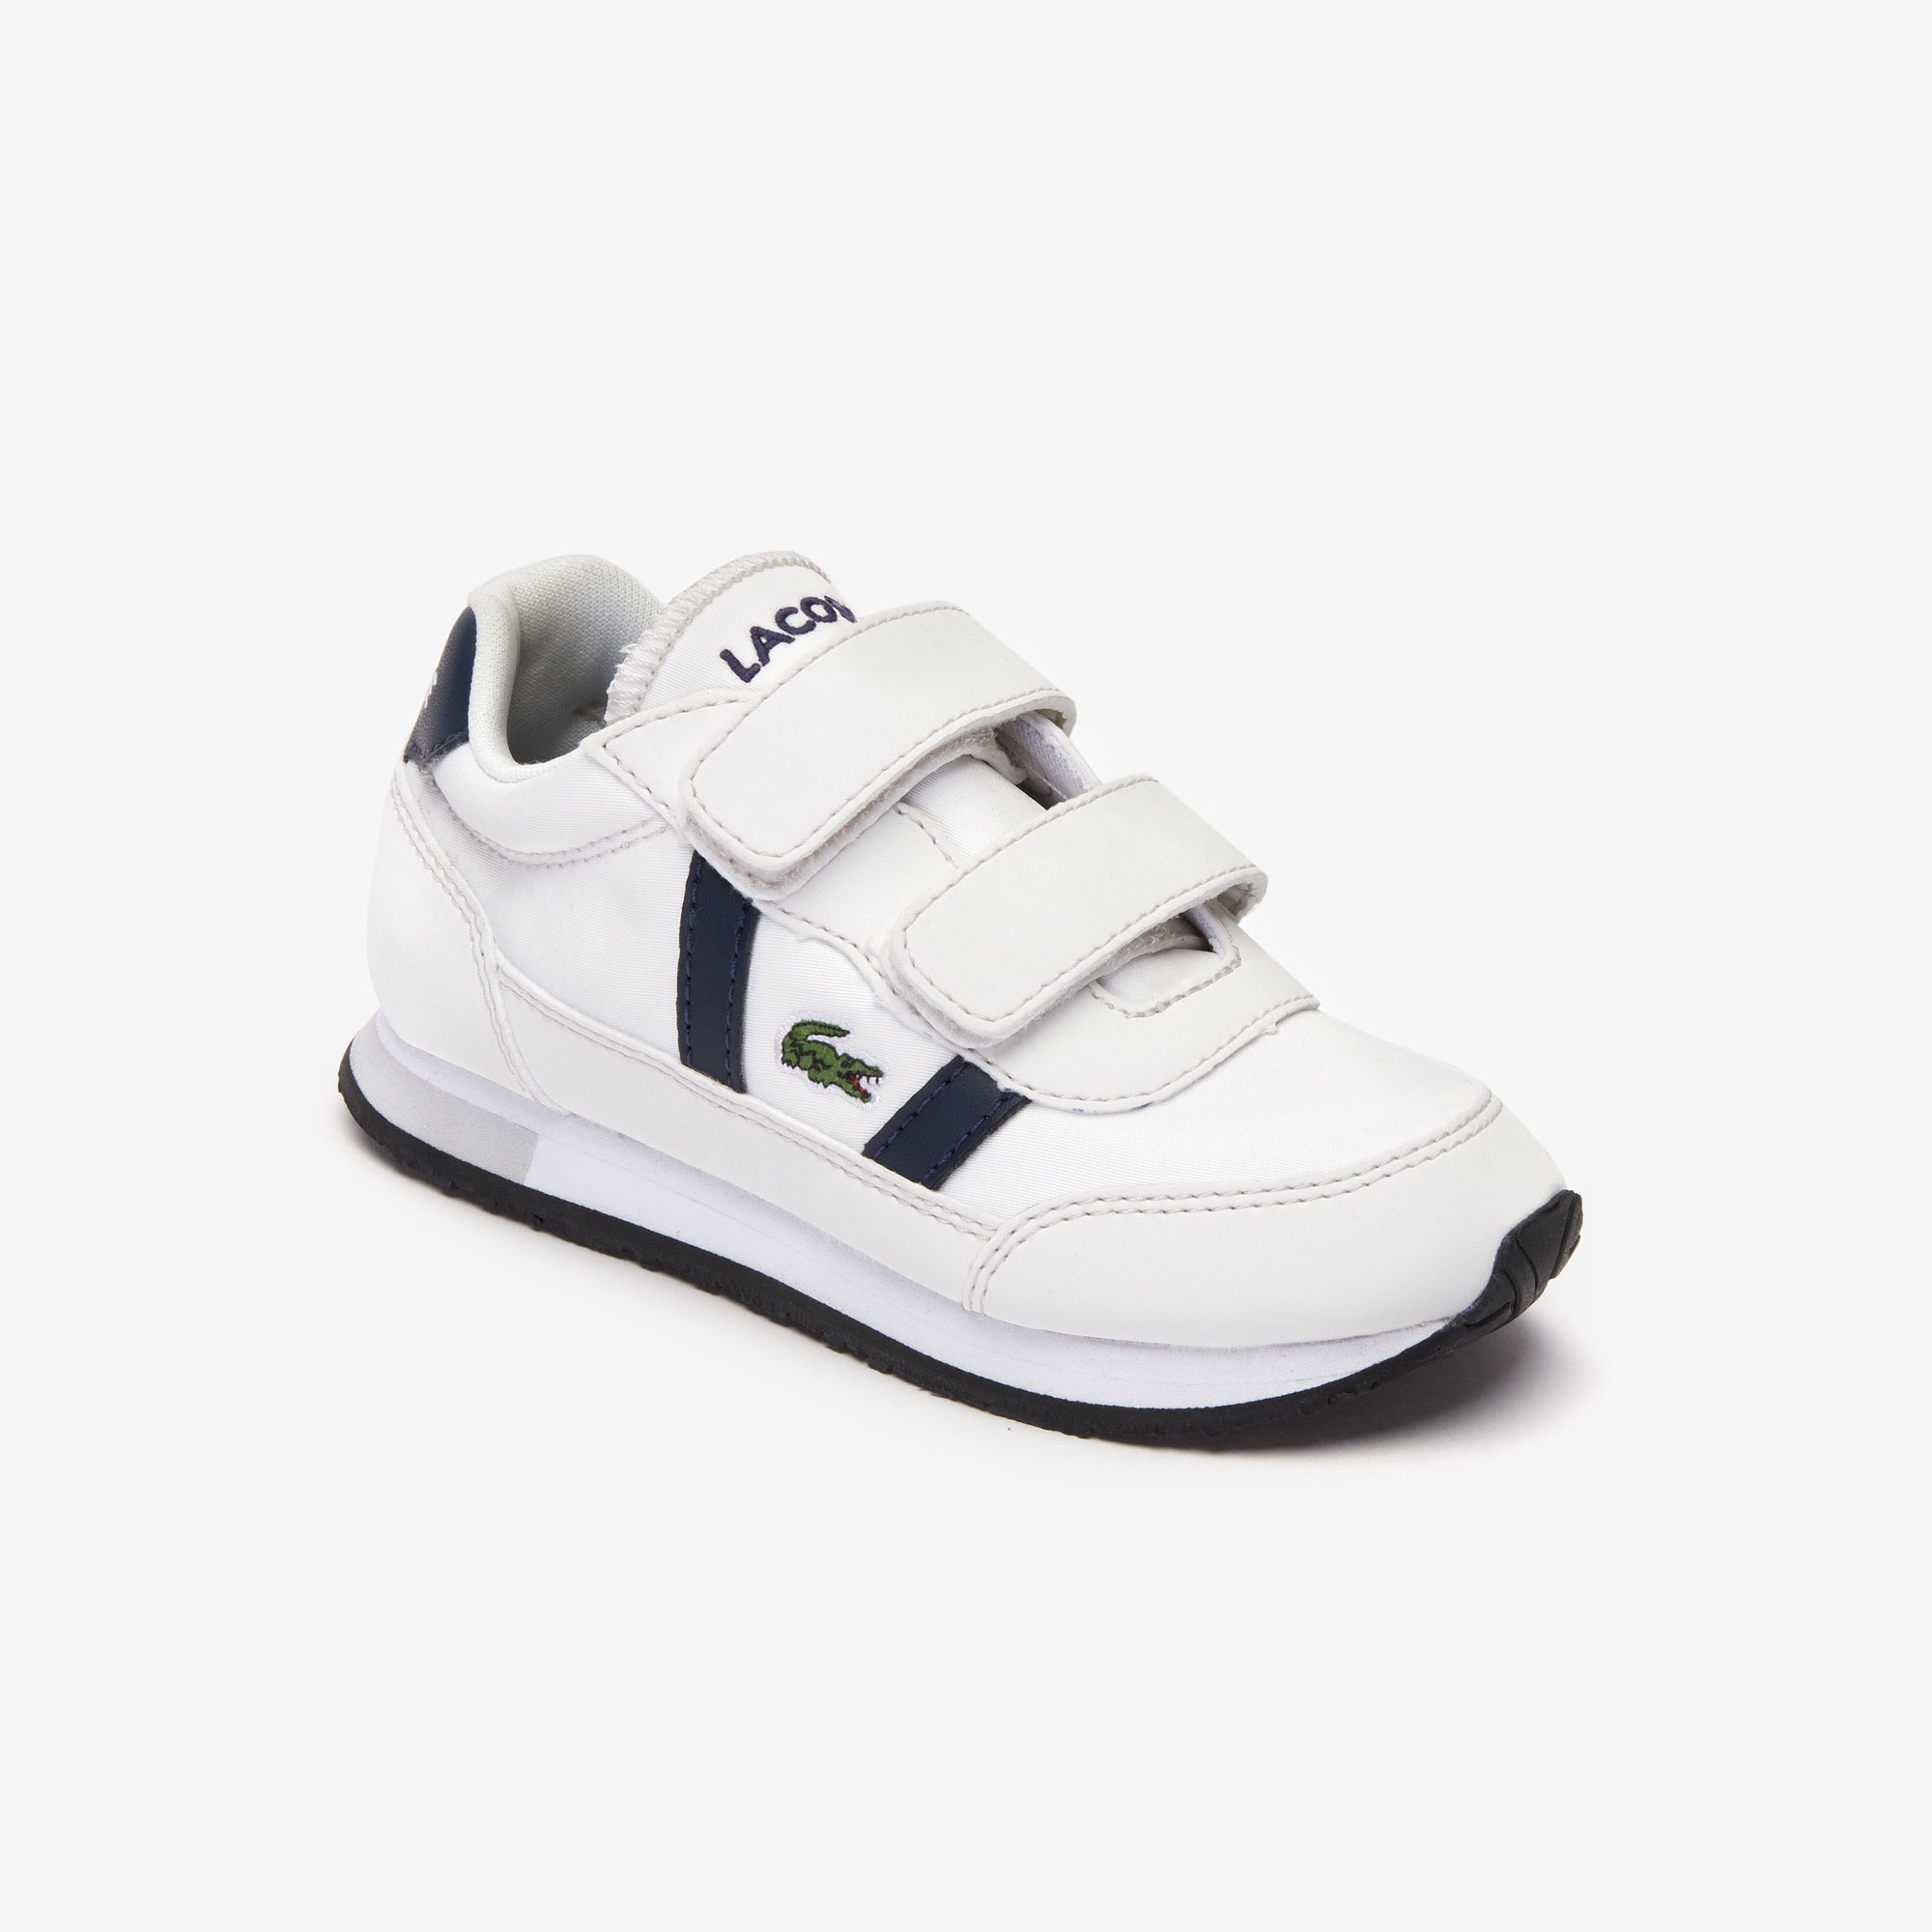 حذاء رياضي للأطفال من القماش ومواد اصطناعية من مجموعة L.ight